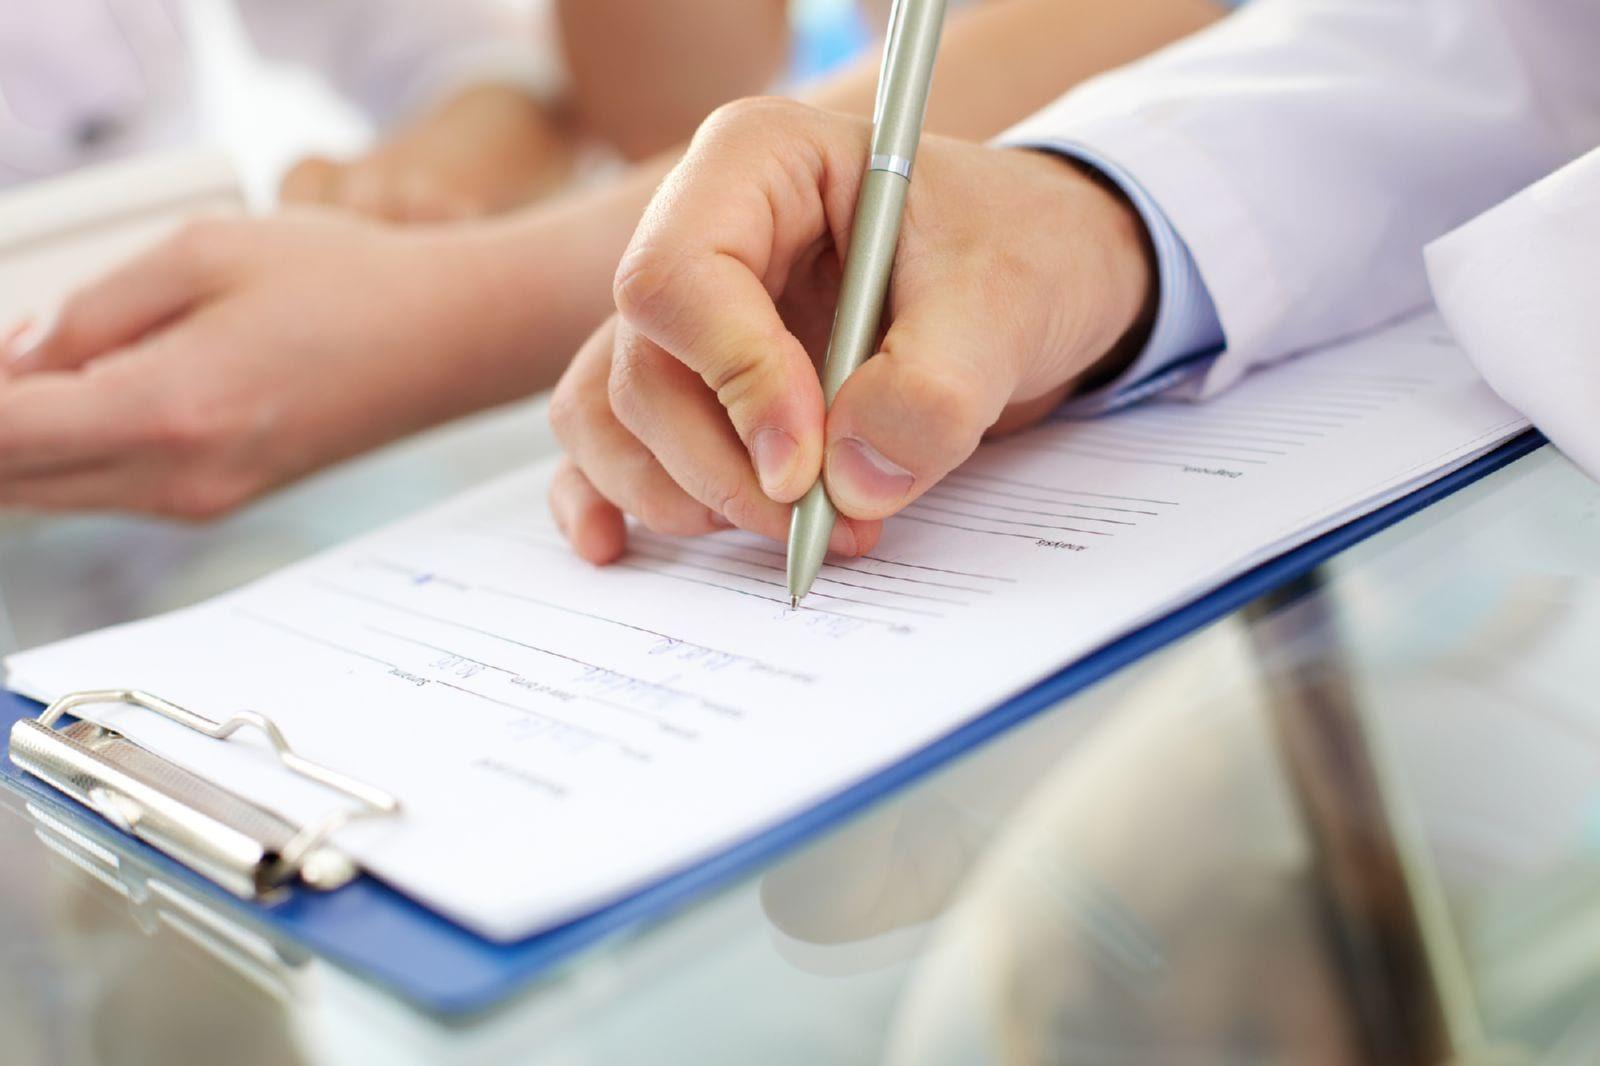 В Георгиевске пройдет бесплатное тестирование на выявление предпринимательских способностей